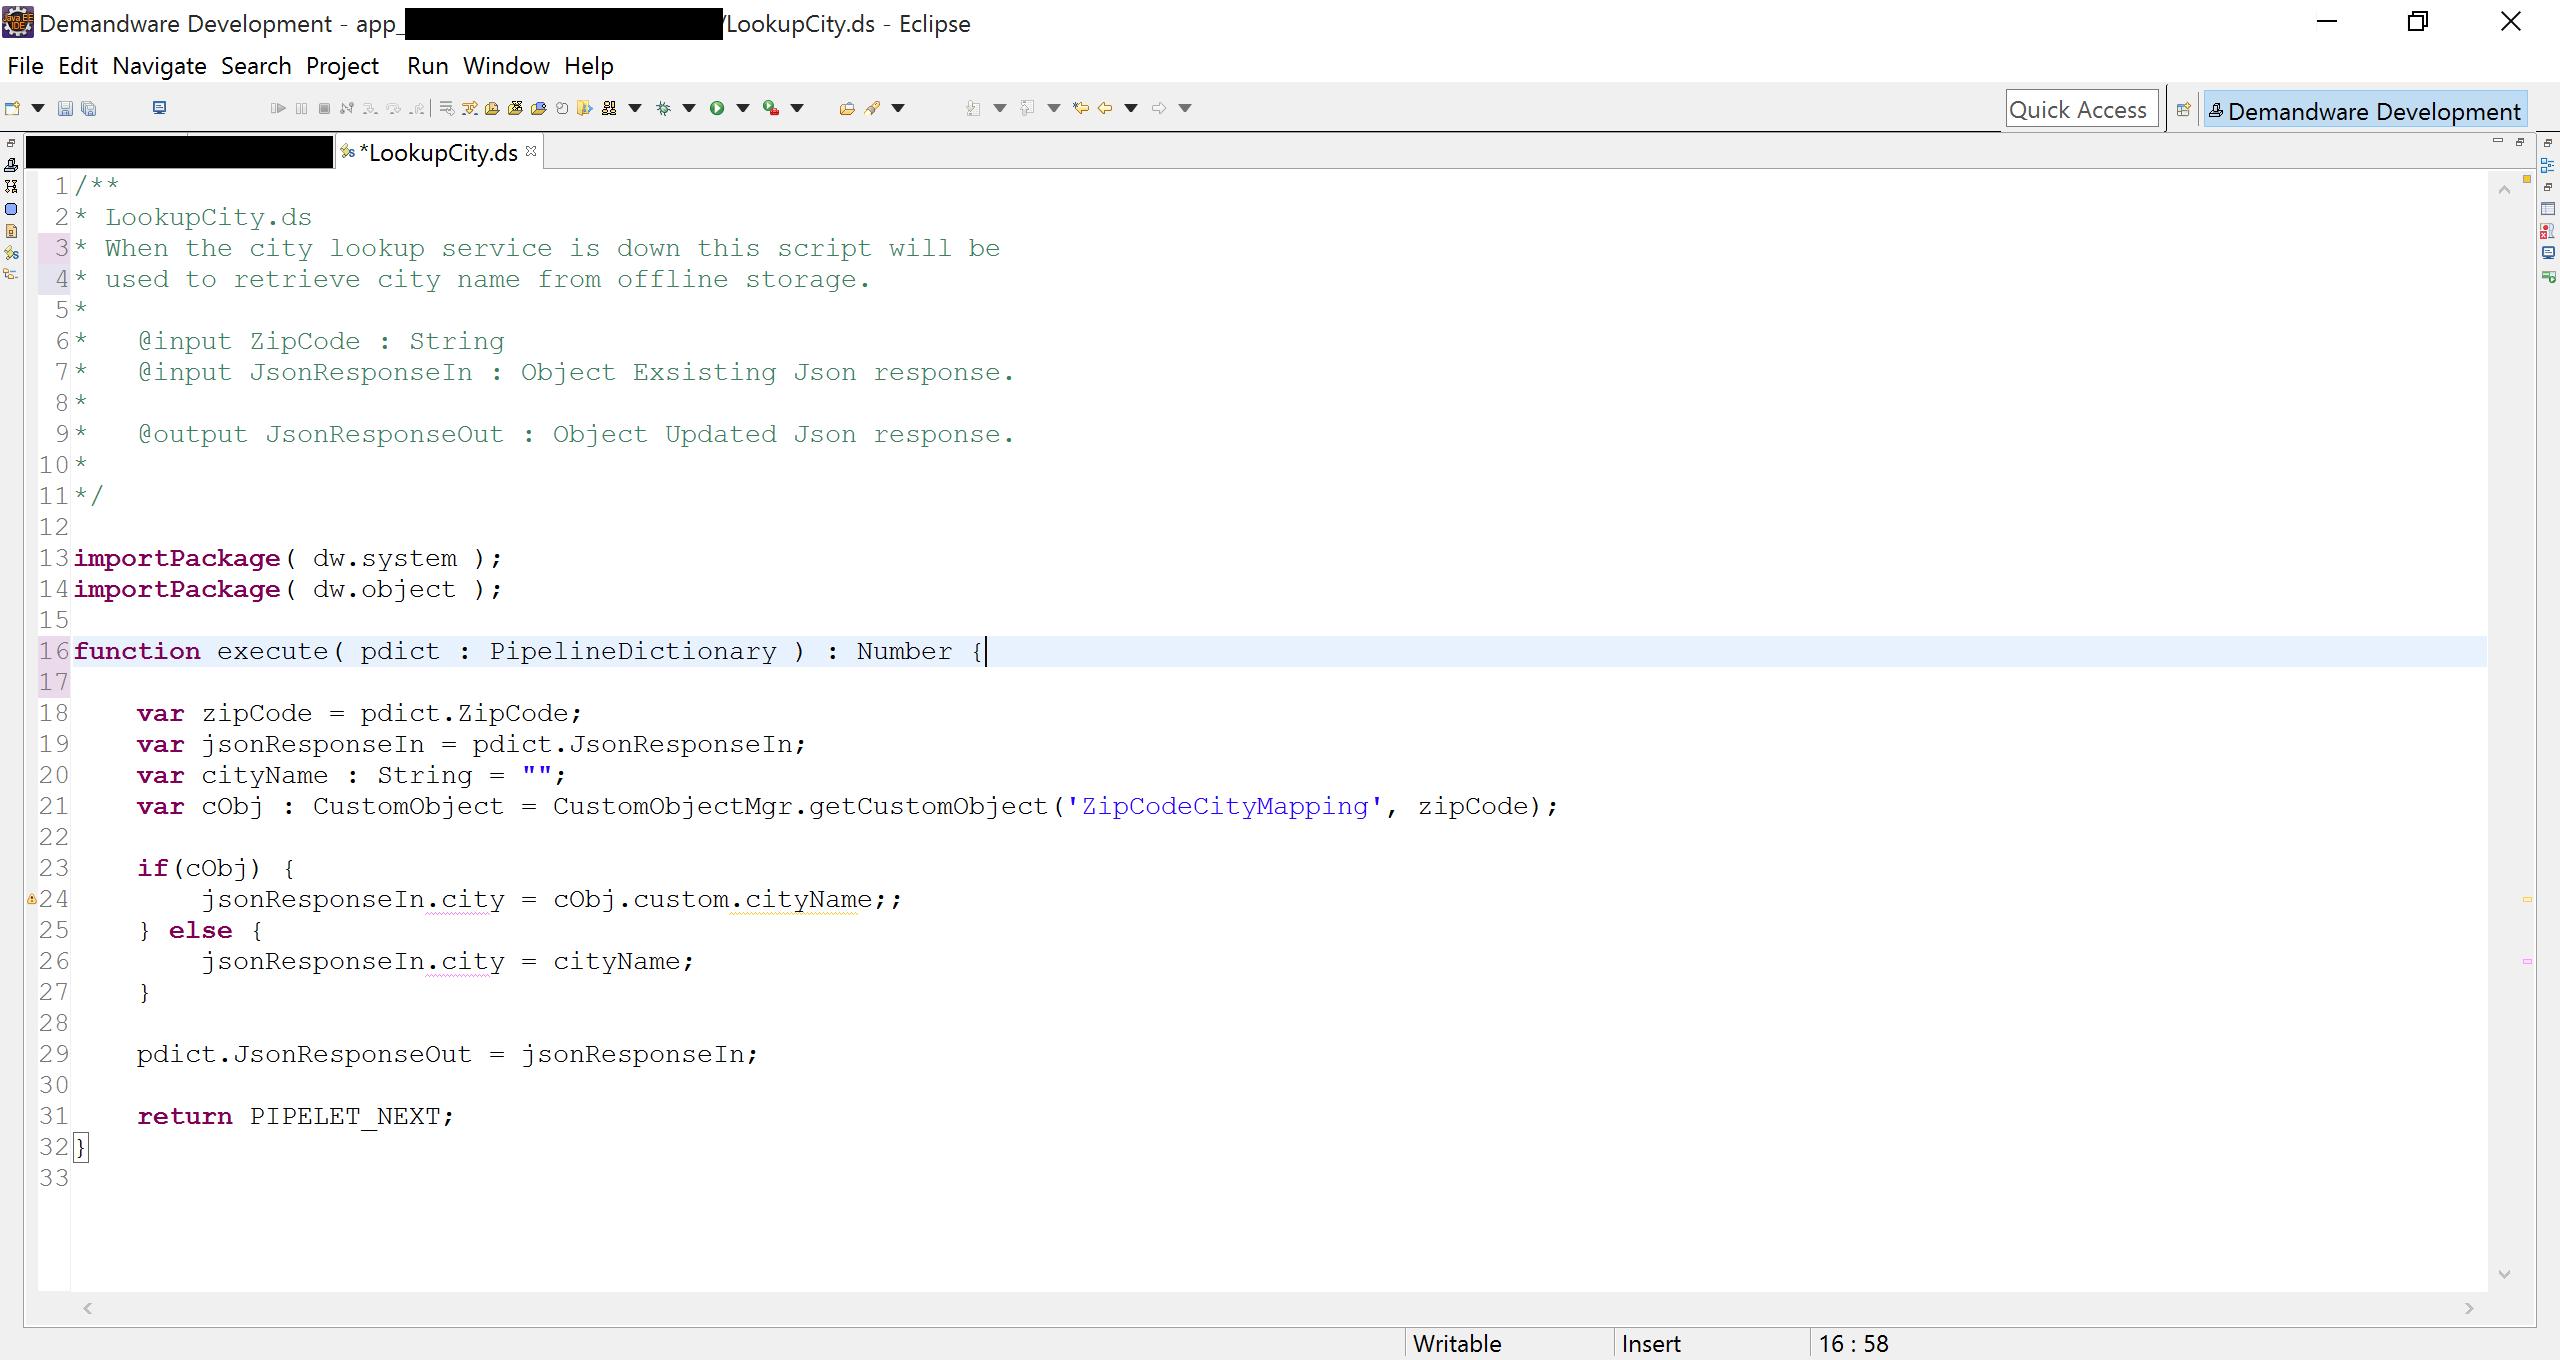 Demandware Script